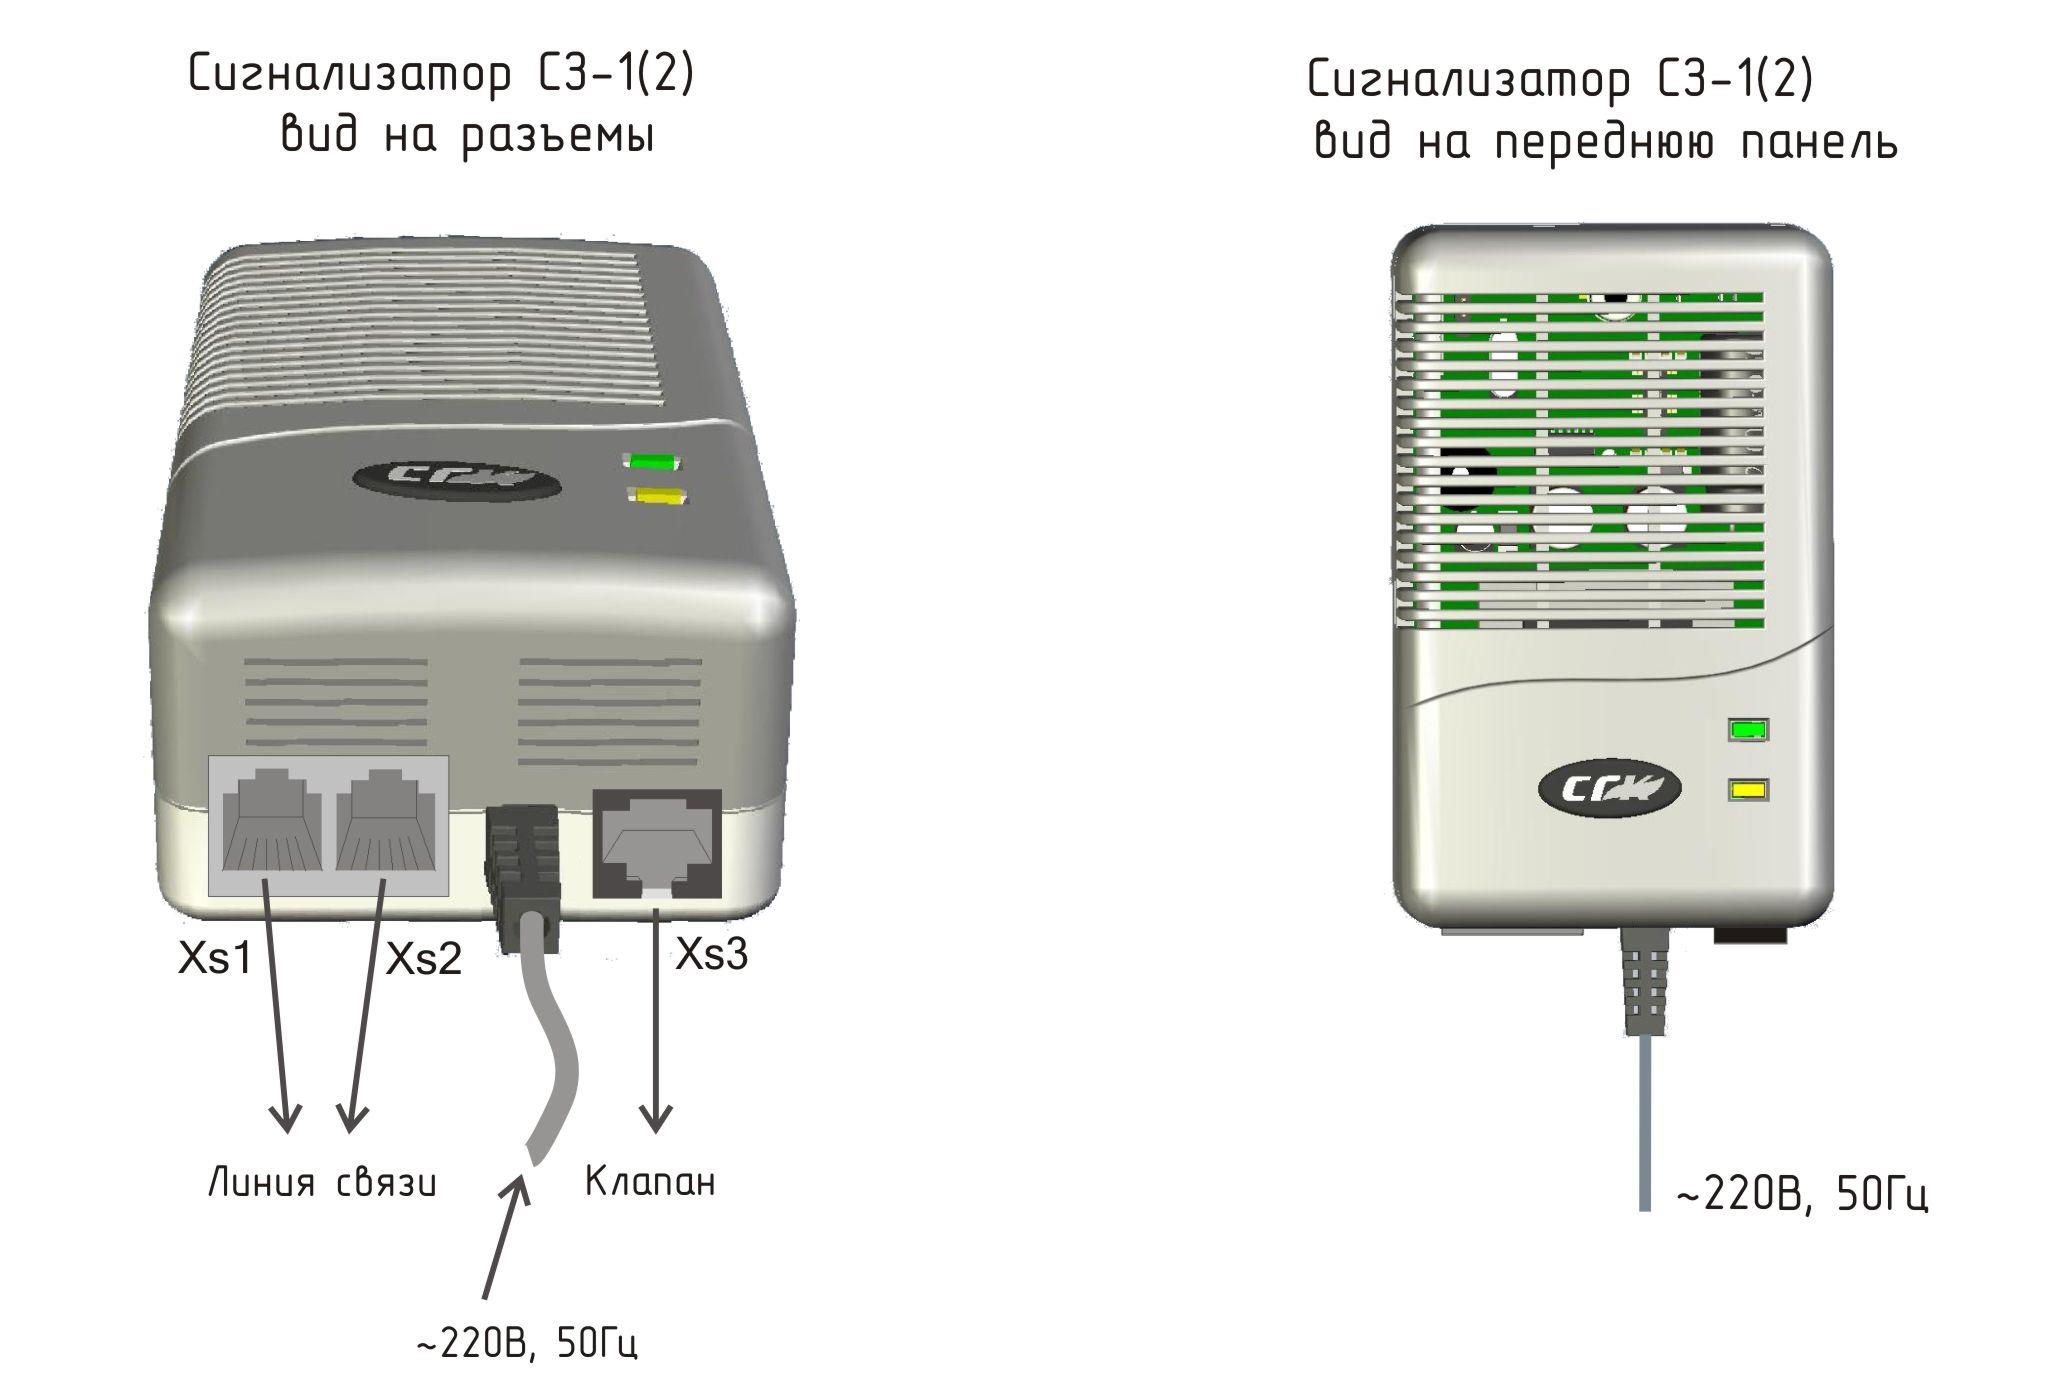 Сигнализаторы загазованности СЗ-1 на угарный газ CO (оксид углерода)